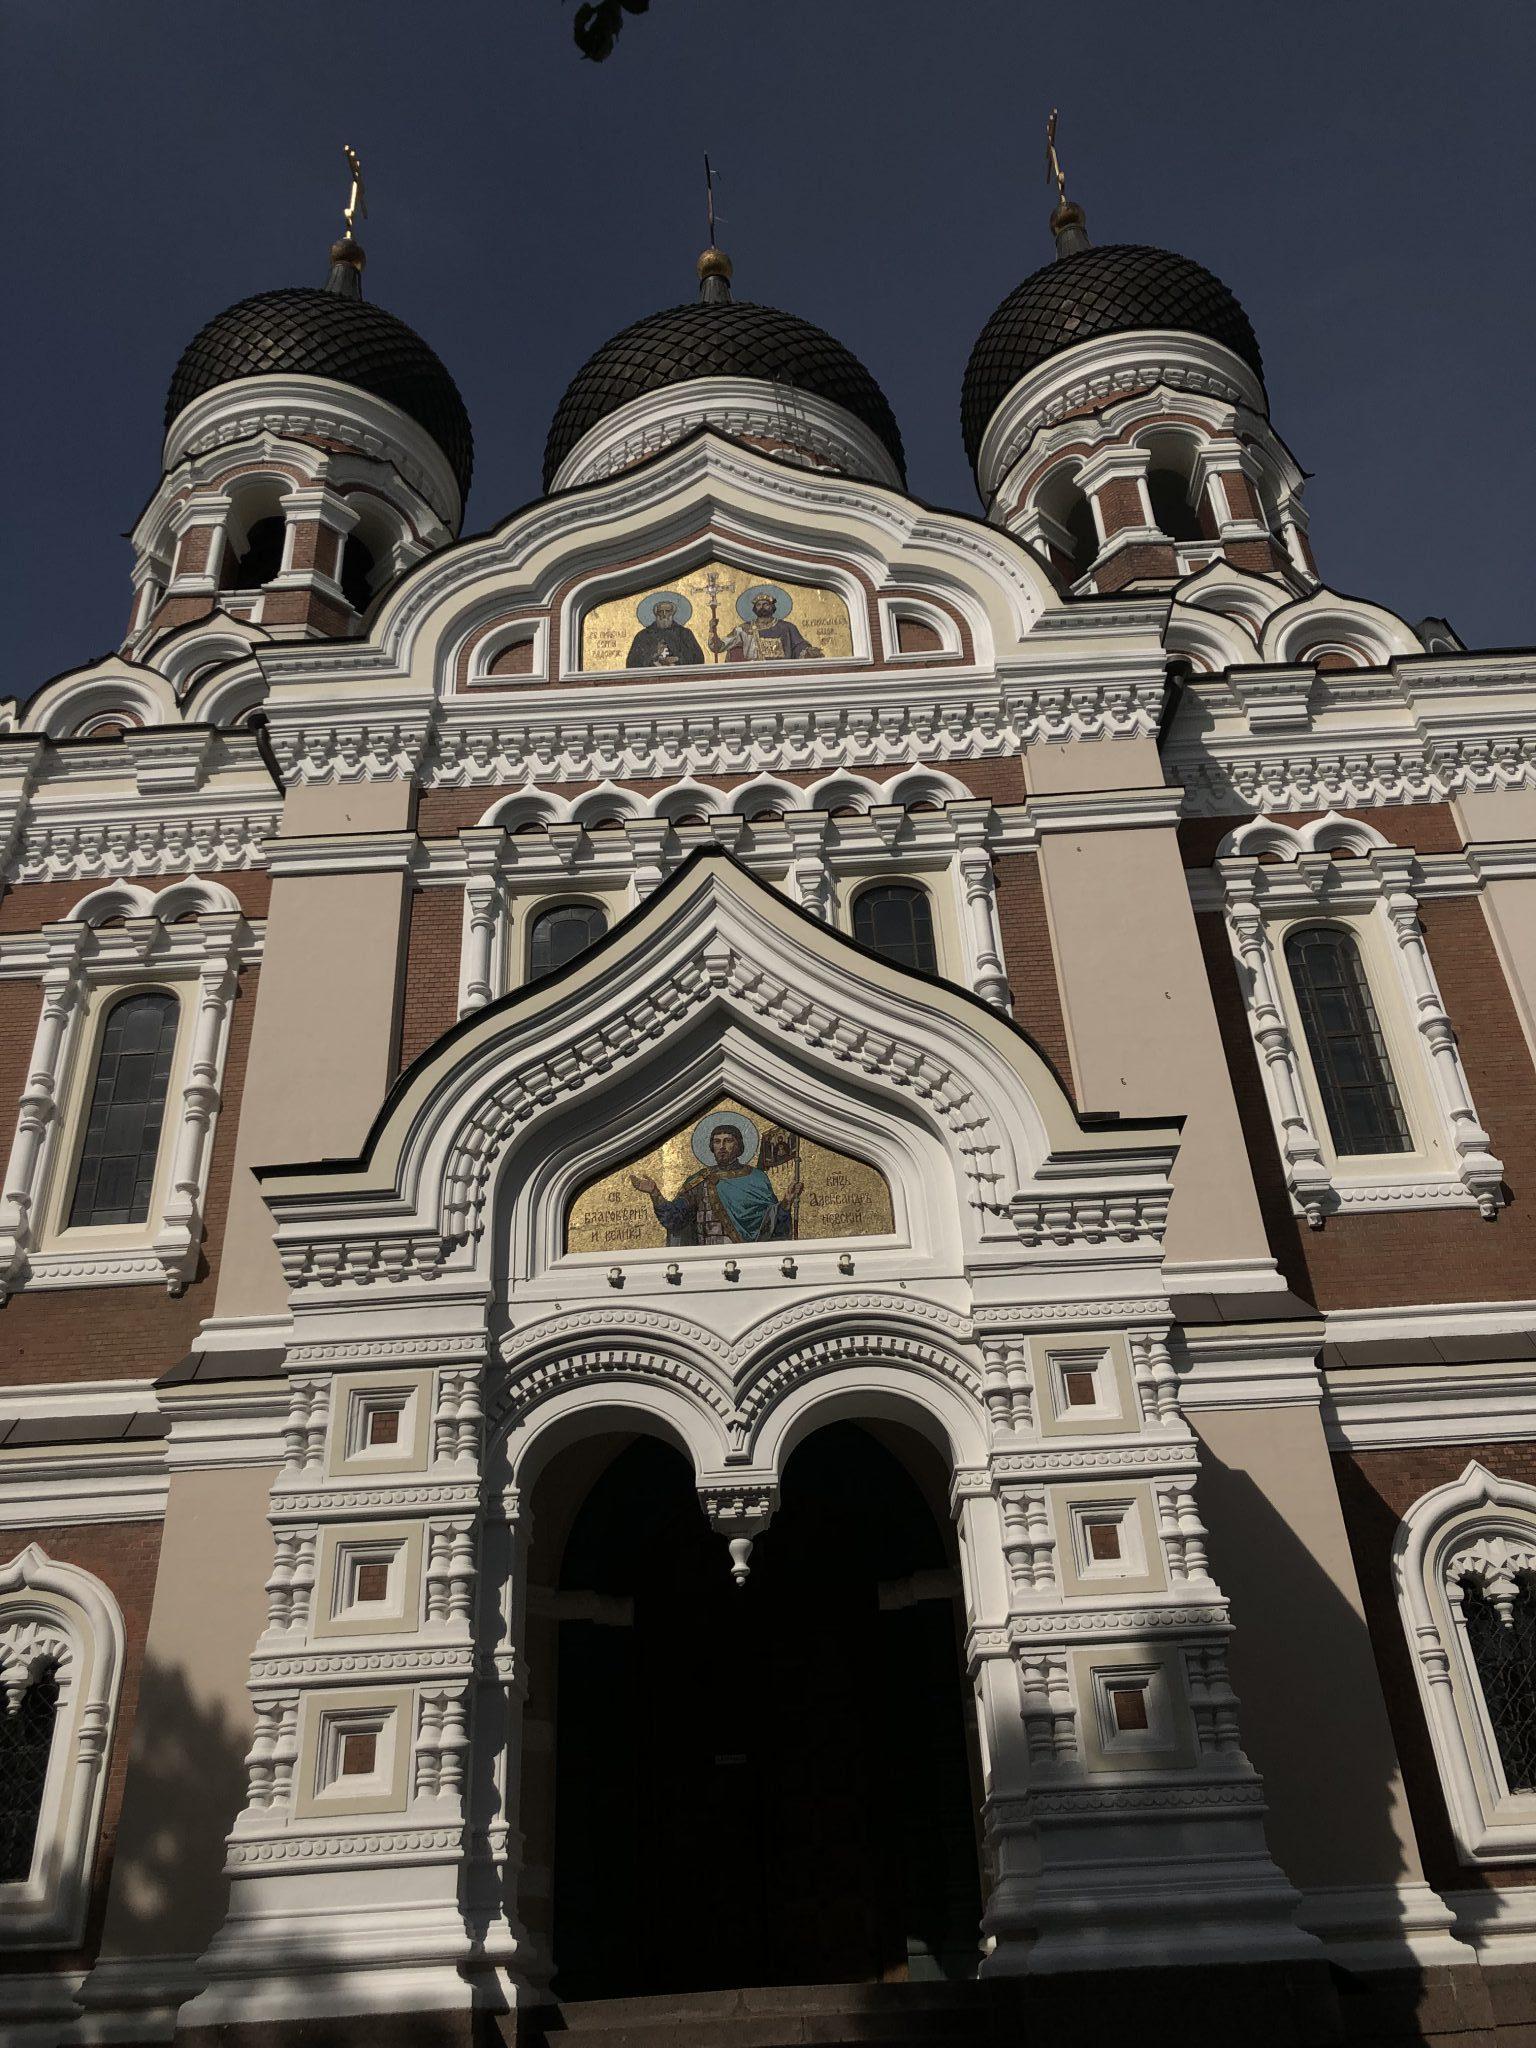 Die Alexander-Newski-Kathedrale - eine Landmarke der estnischen Hauptstadt Tallinn und befindet sich auf dem Domberg